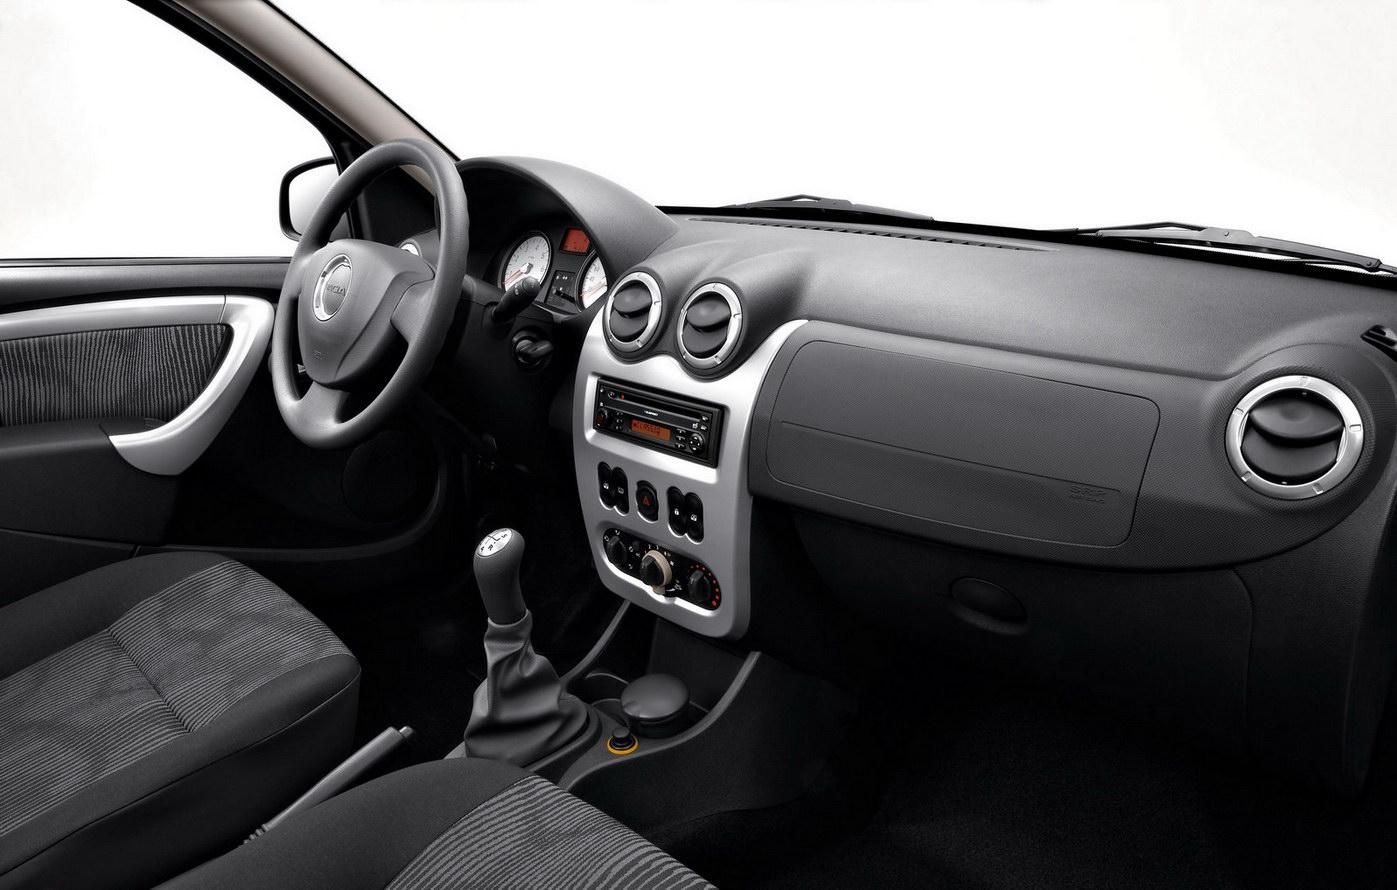 Dacia New Logan 13 New Dacia Logan: Subtle Redesign